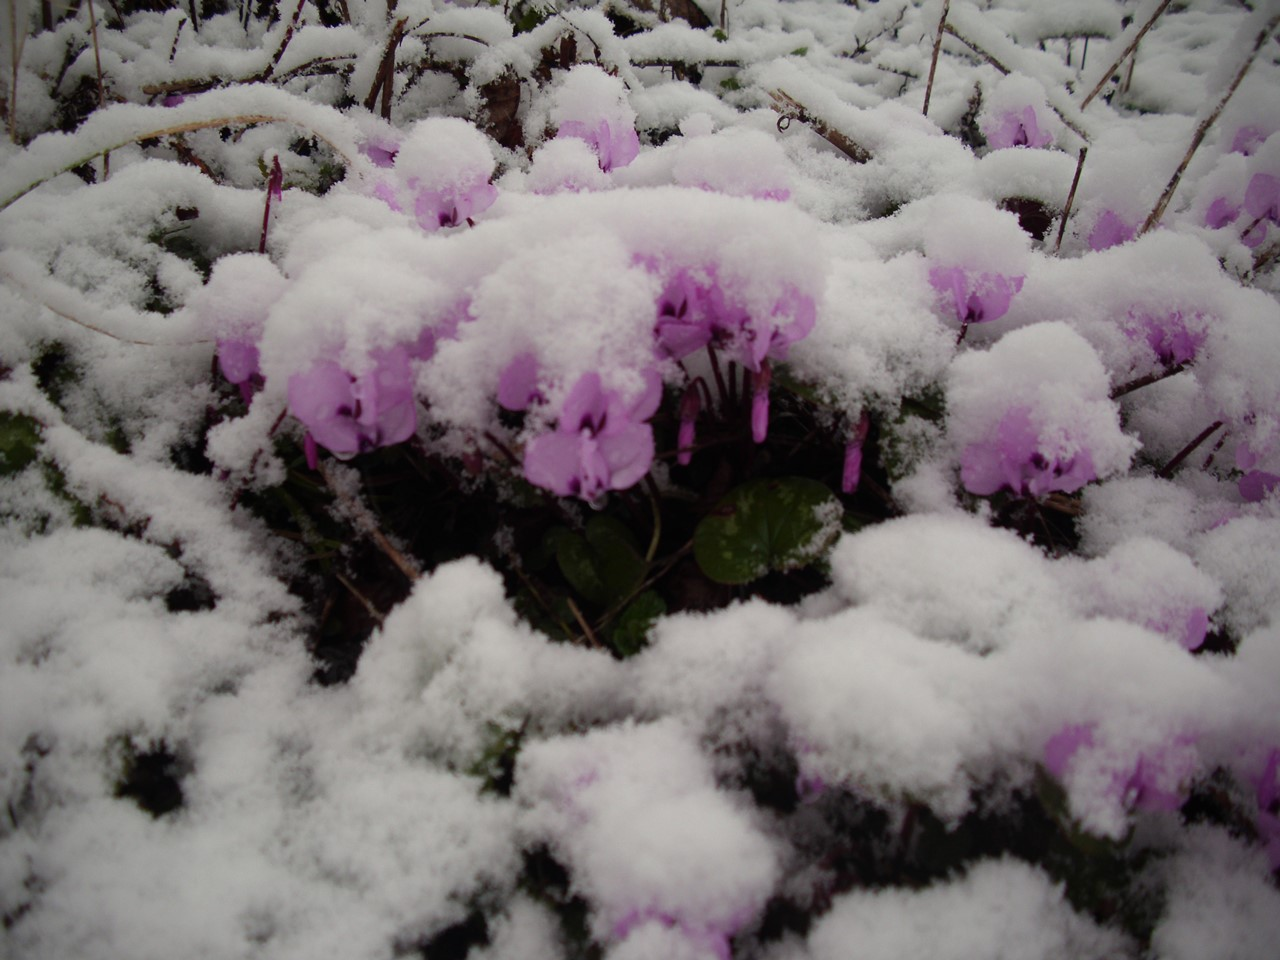 Nebiyan Dağı Kış Resimleri 2 - Nebiyan Dağı Kış Resimleri (2)